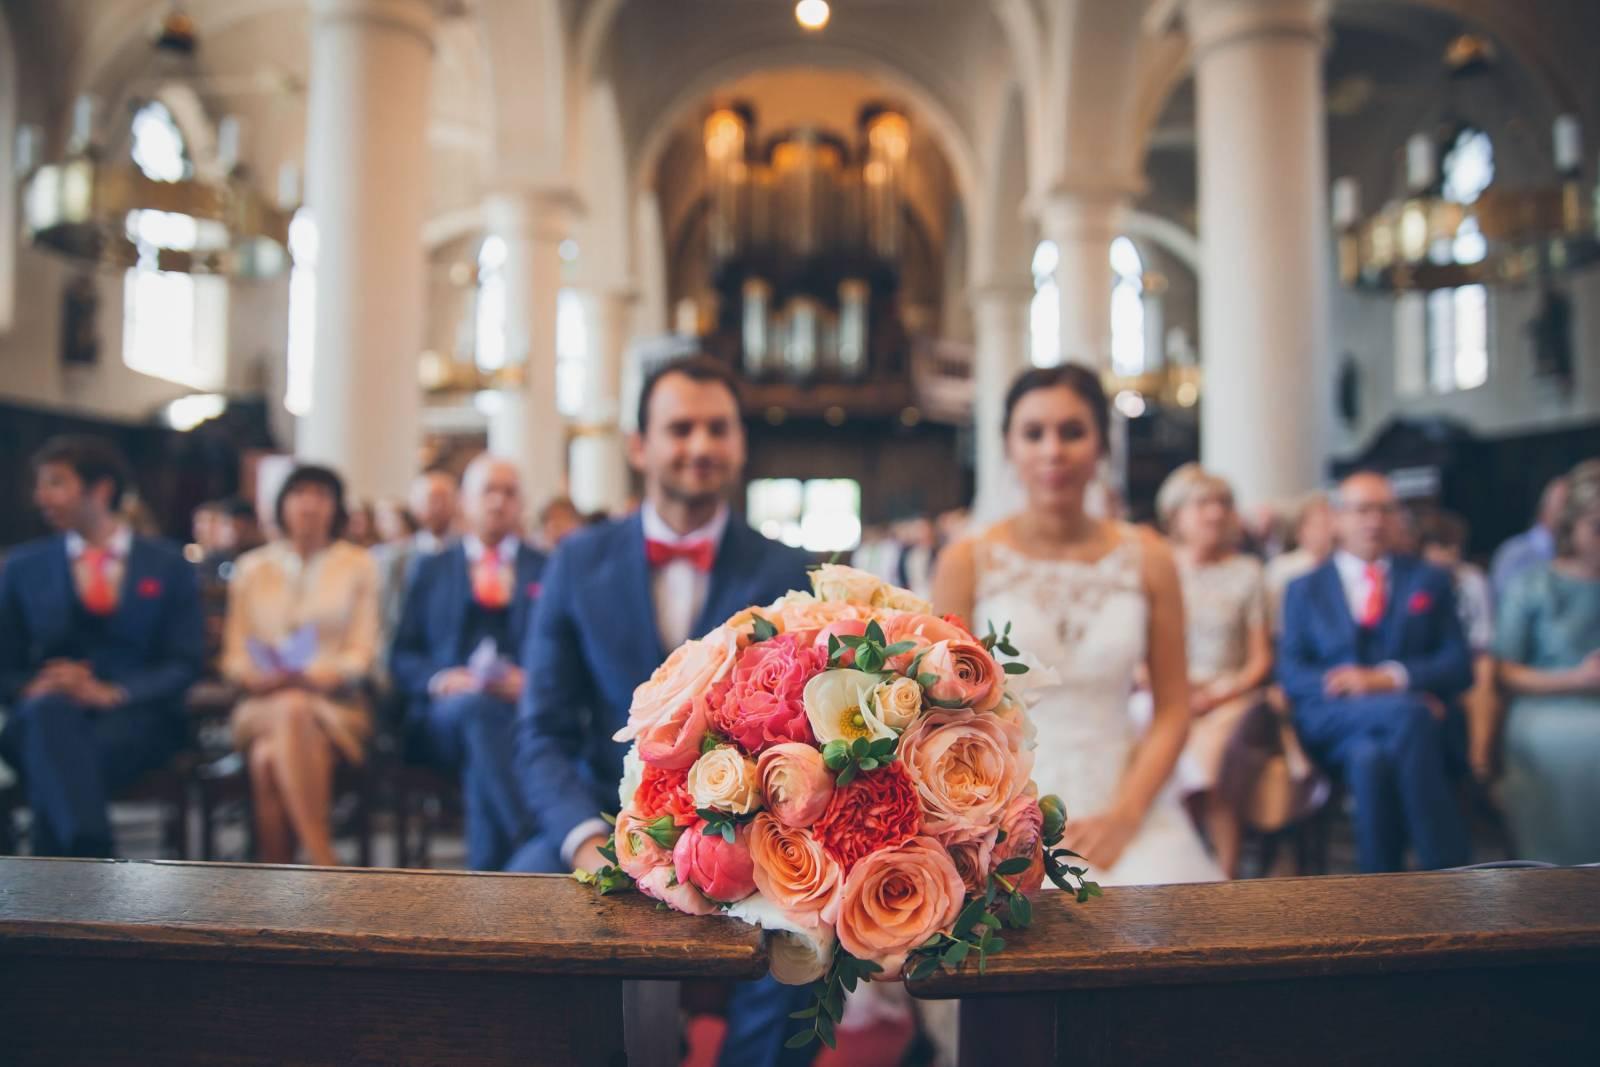 Art of Flower |Bruidsboeket & Bloemendecoratie | House of Weddings - 9